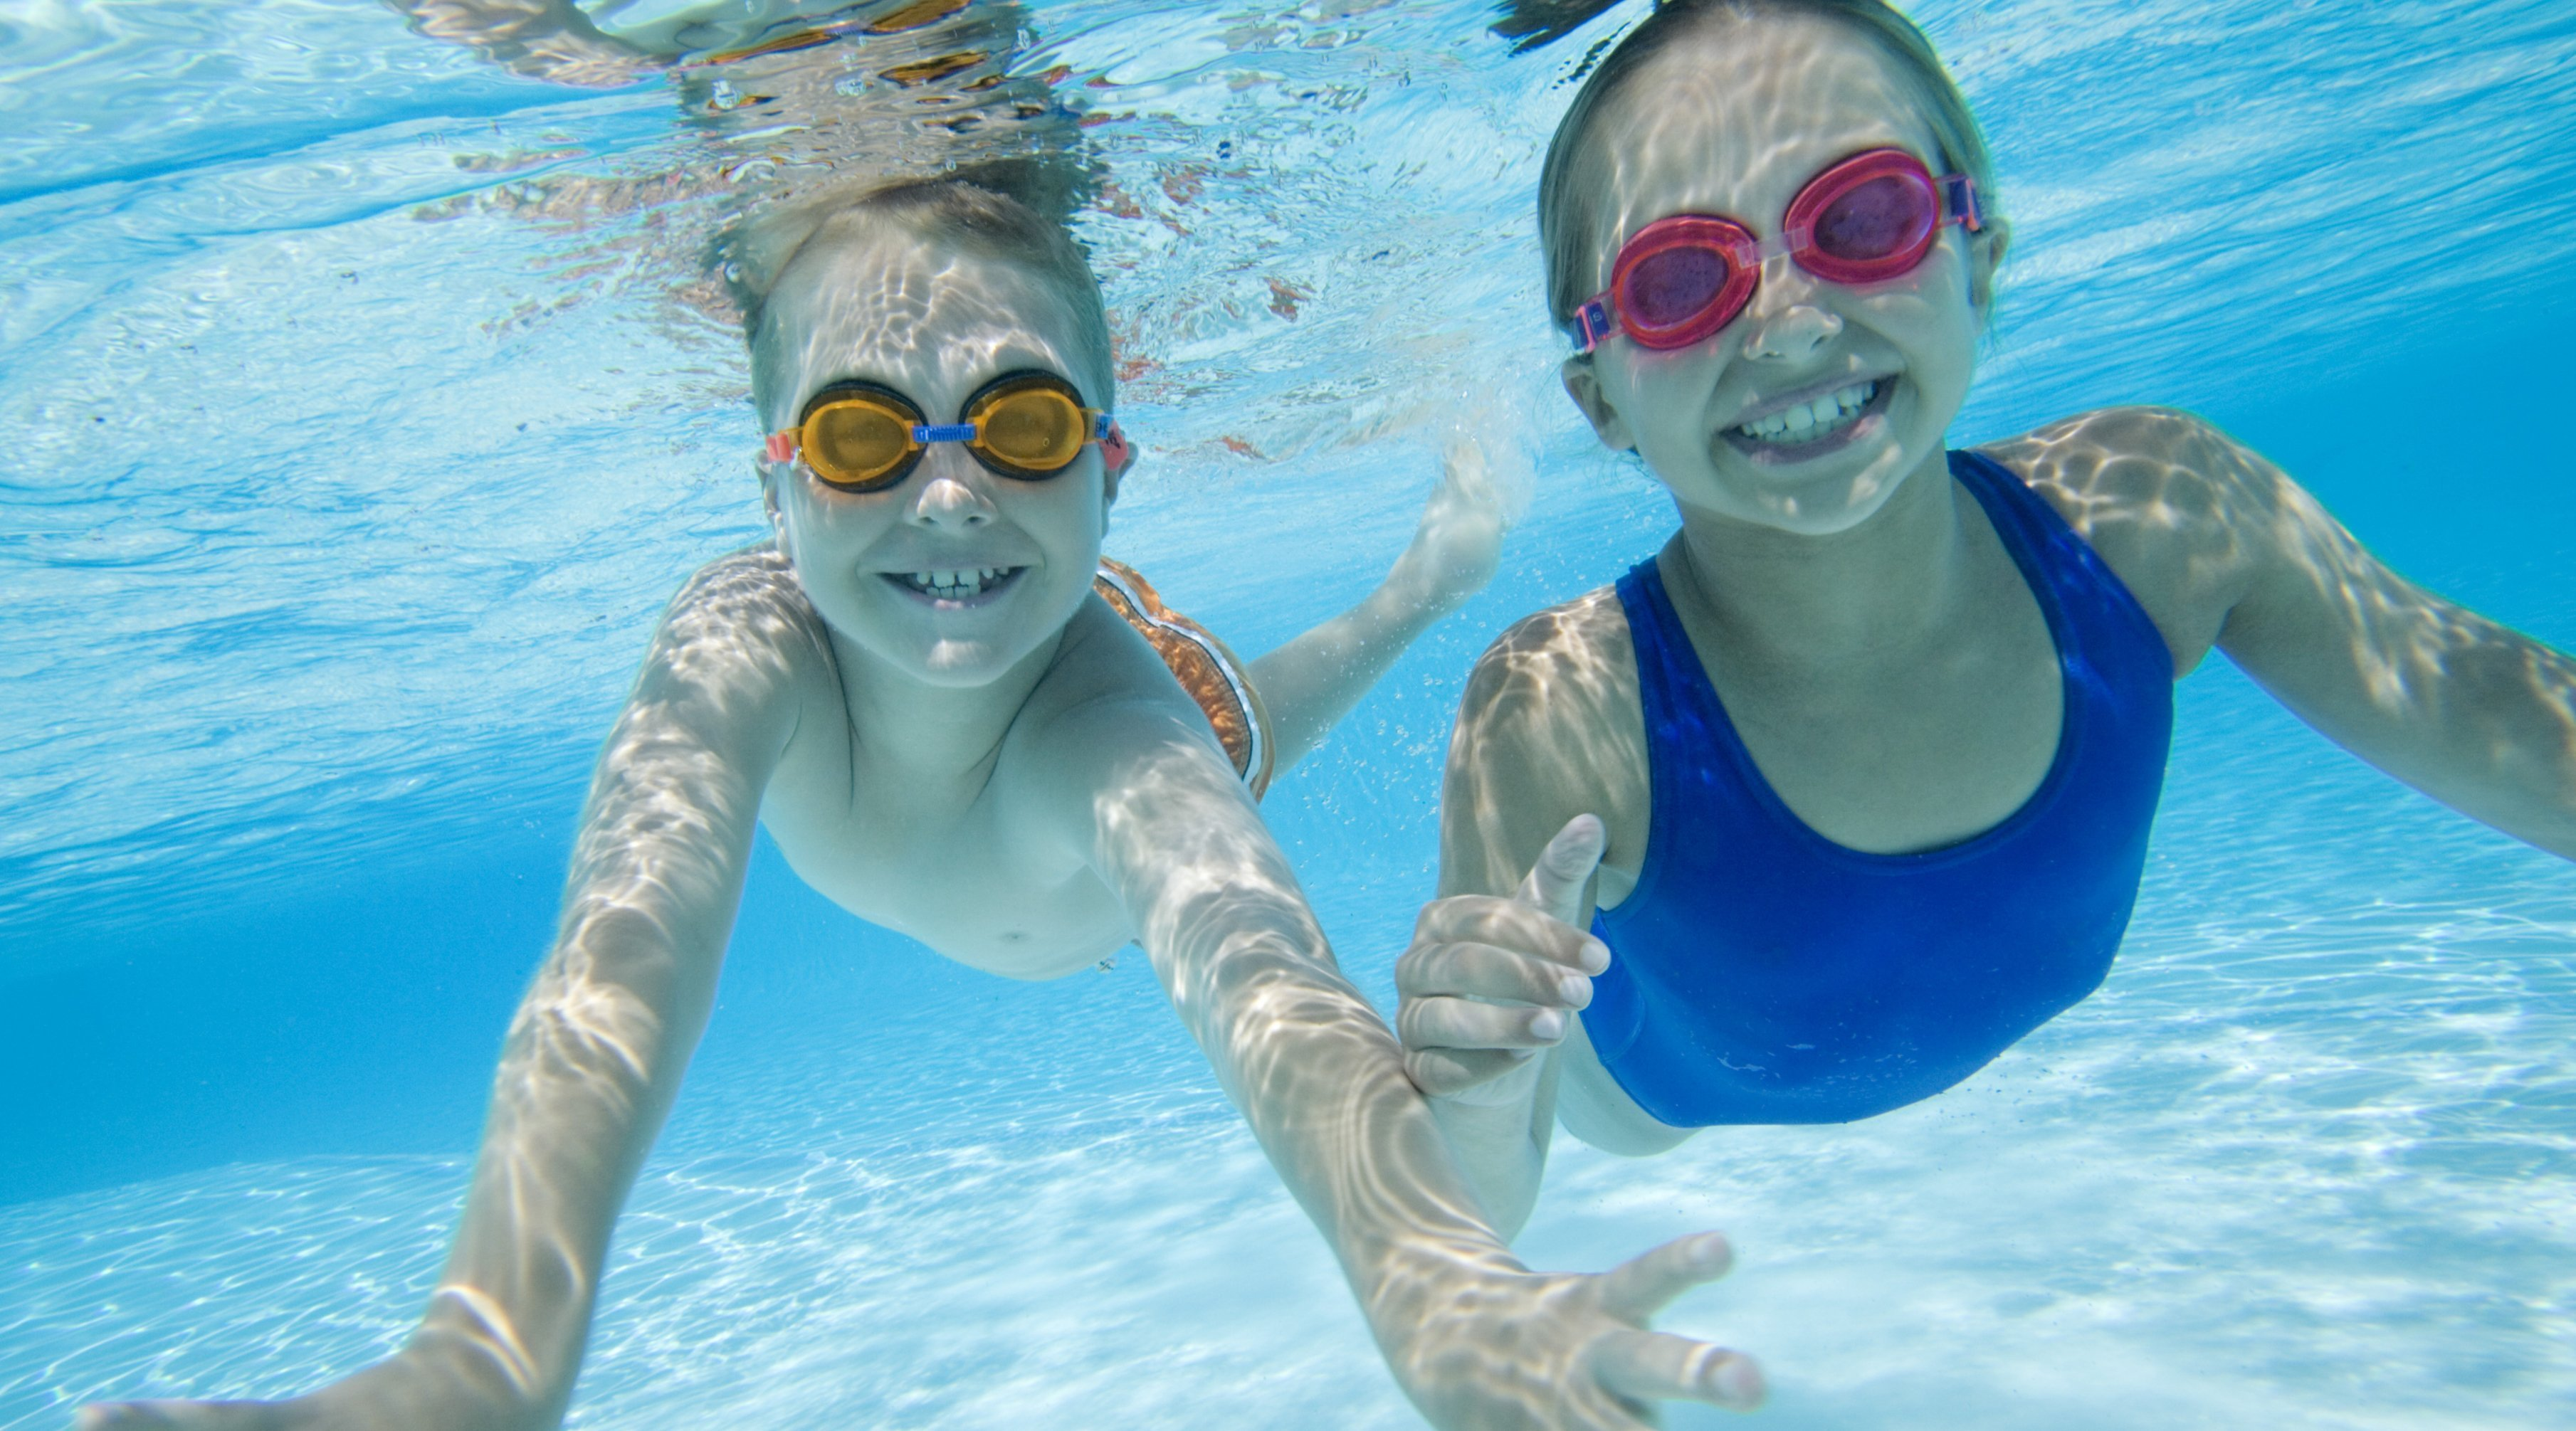 Molestias de los o dos en piscina for Piani del cortile con piscine